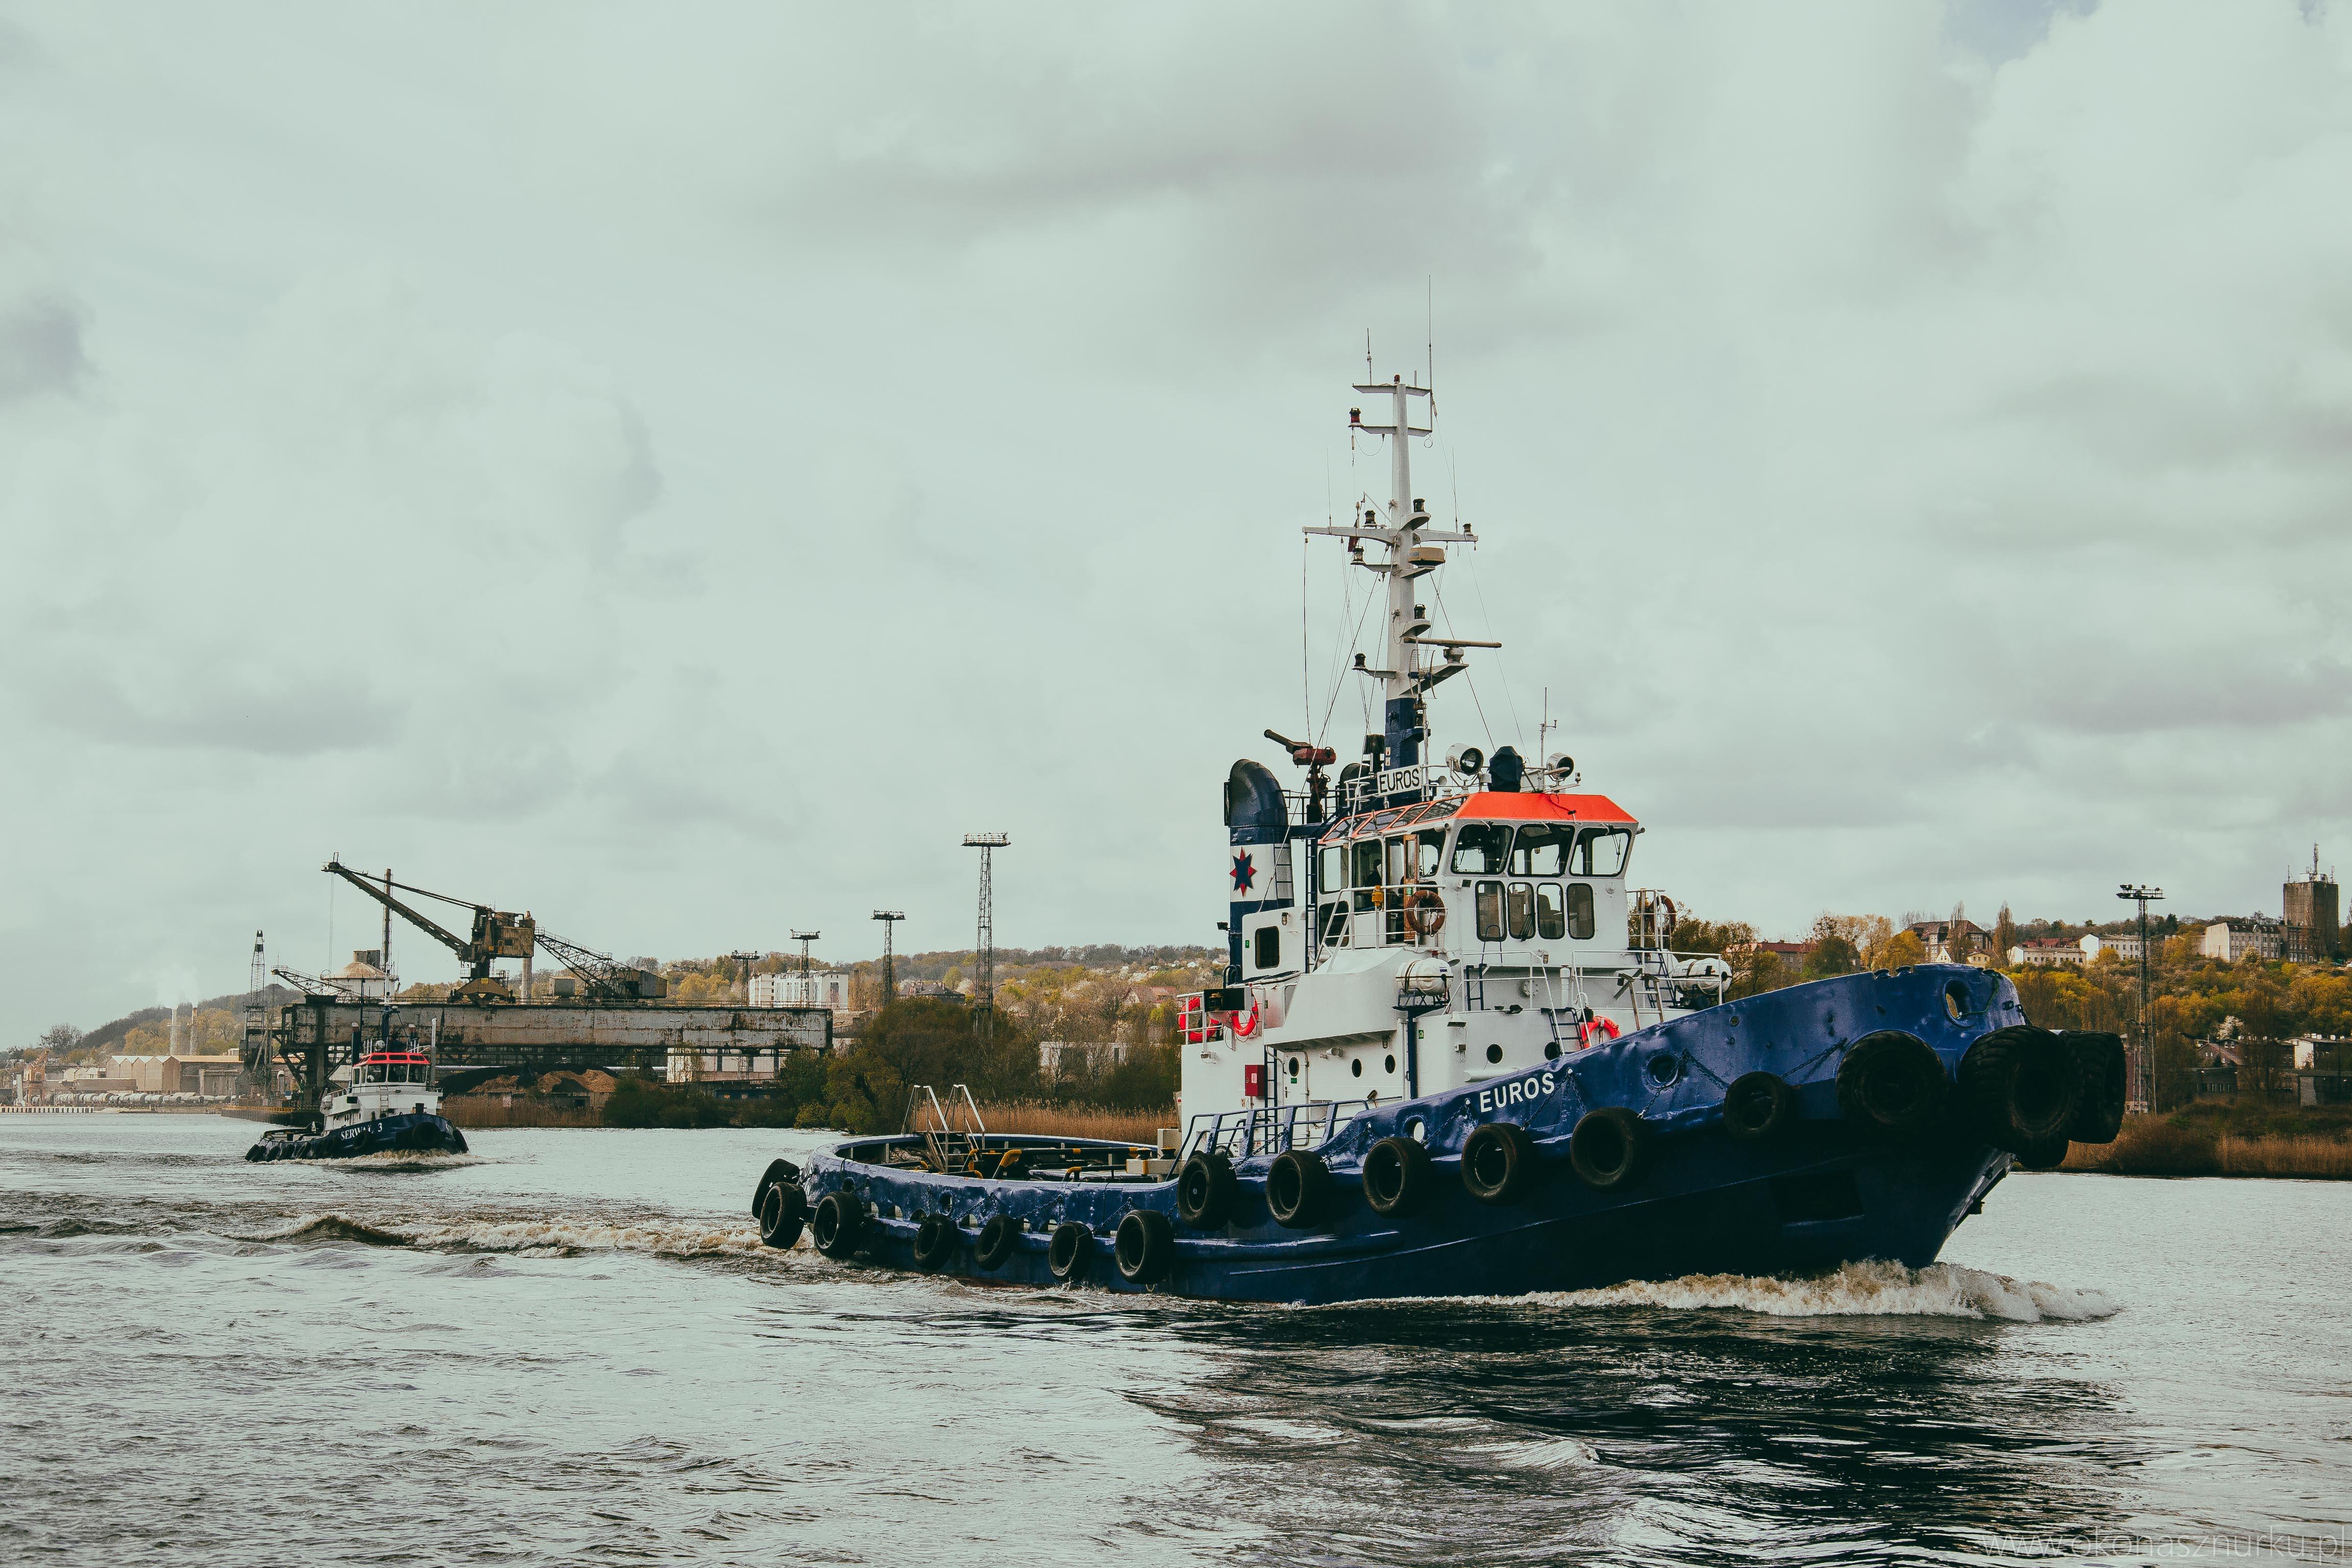 marina-jacht-wyprawy-morskie-silesia-szczecin-goclaw-lubczyna (40)